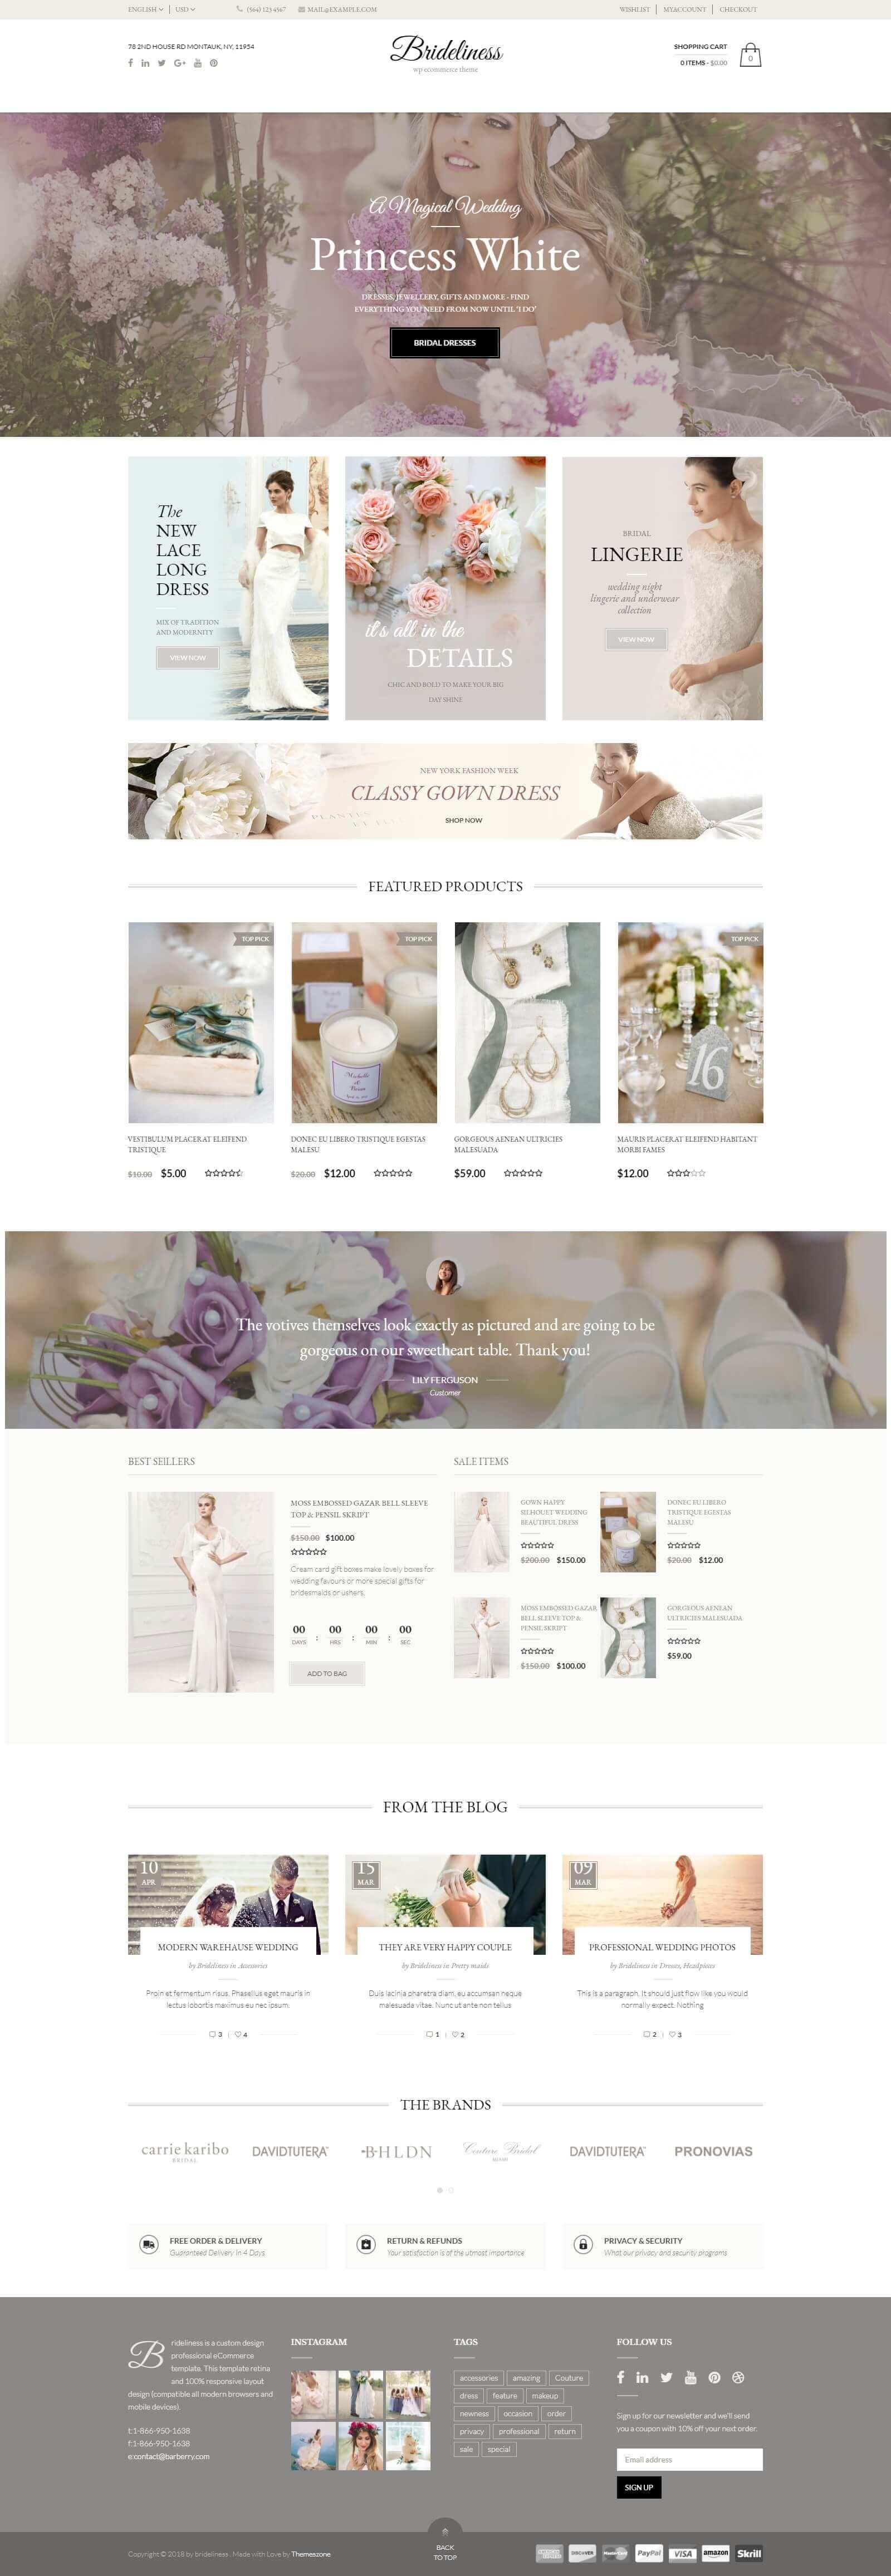 Mẫu website cho thuê áo cưới đẹp mắt, ấn tượng, chuẩn seo